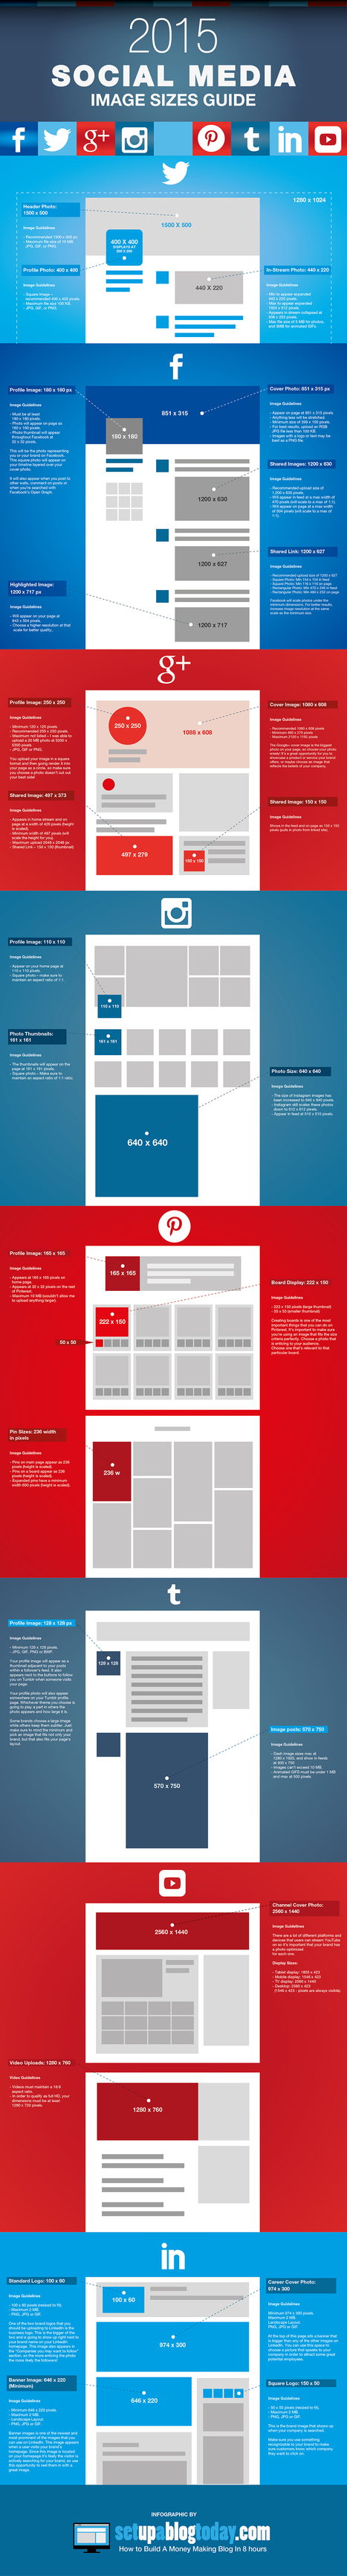 Le guide 2015 des tailles des images sur les réseaux sociaux | Technologies numériques & Education | Scoop.it